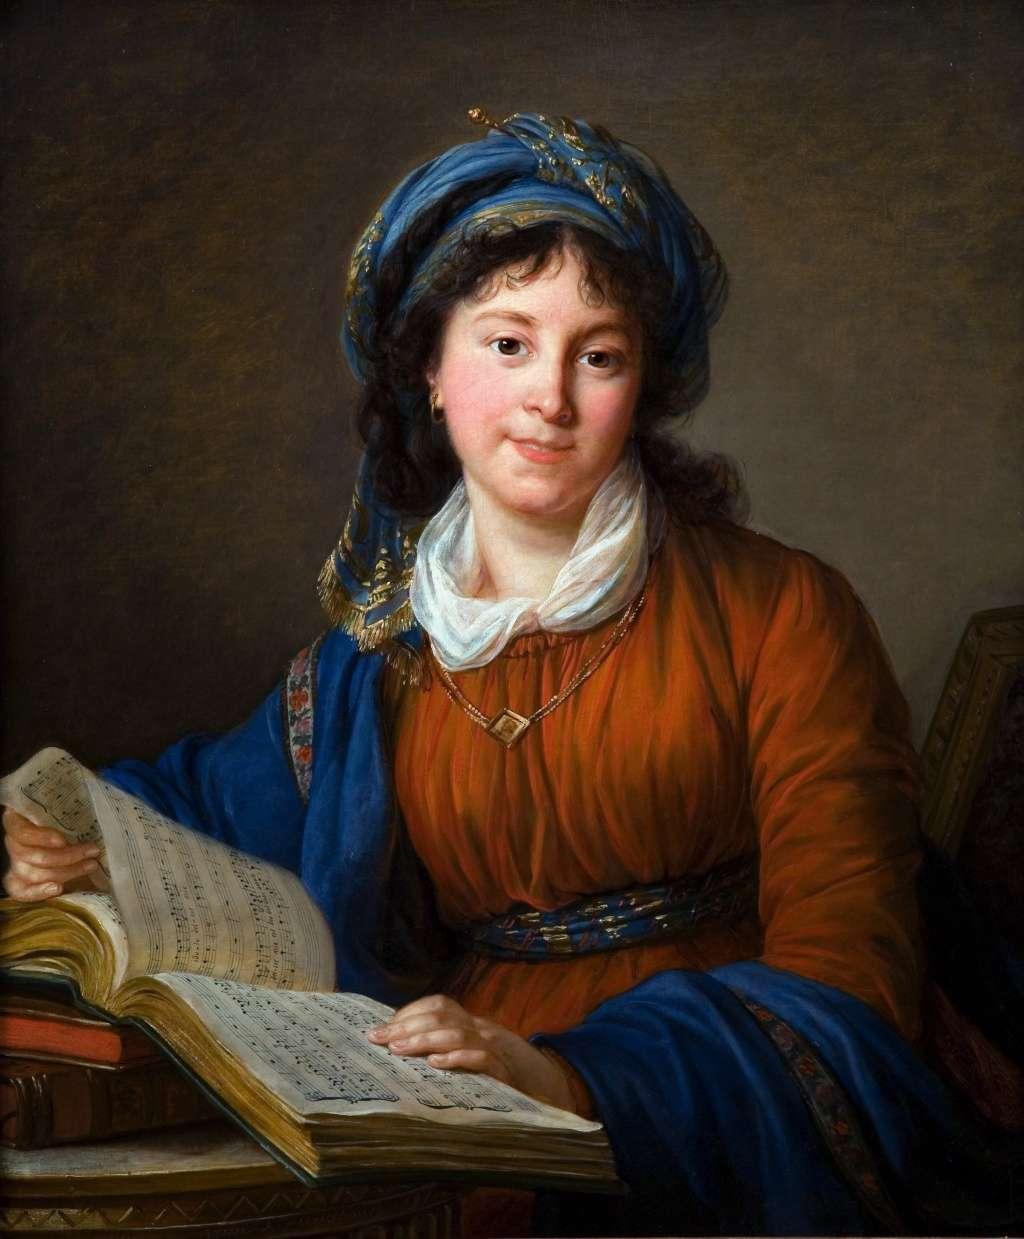 Galerie virtuelle des oeuvres de Mme Vigée Le Brun - Page 9 Counte10